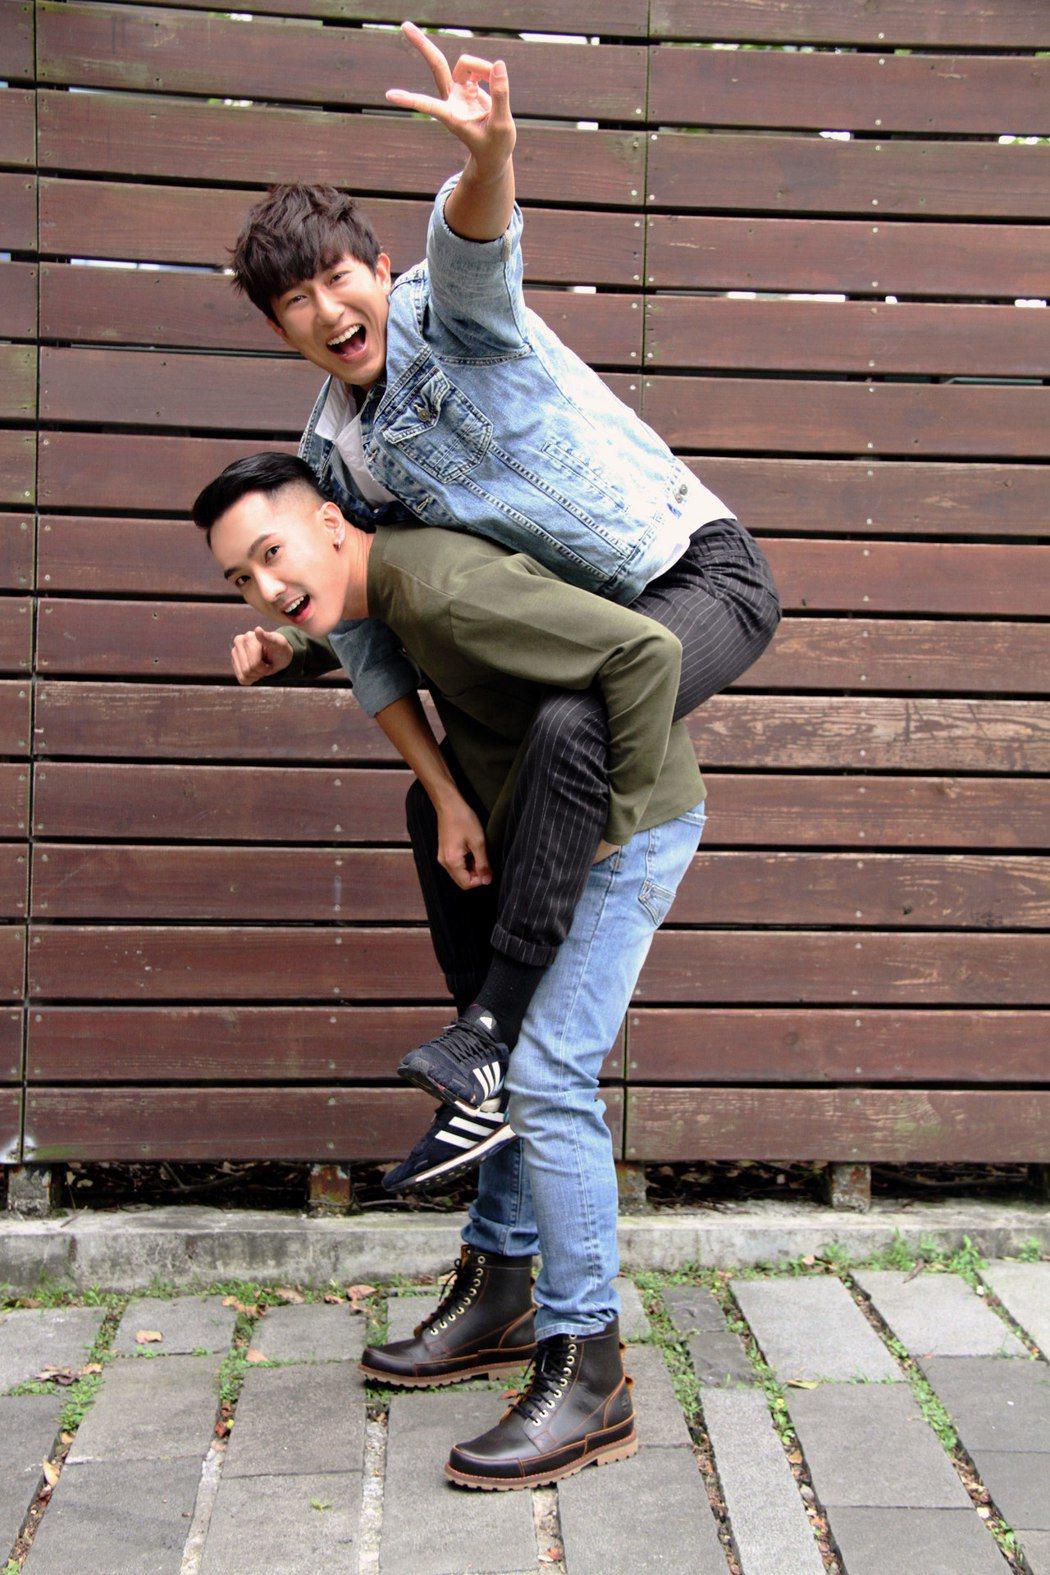 劉雨凱(左)和邱昊奇目前是同家經紀公司的藝人。圖/達騰娛樂提供